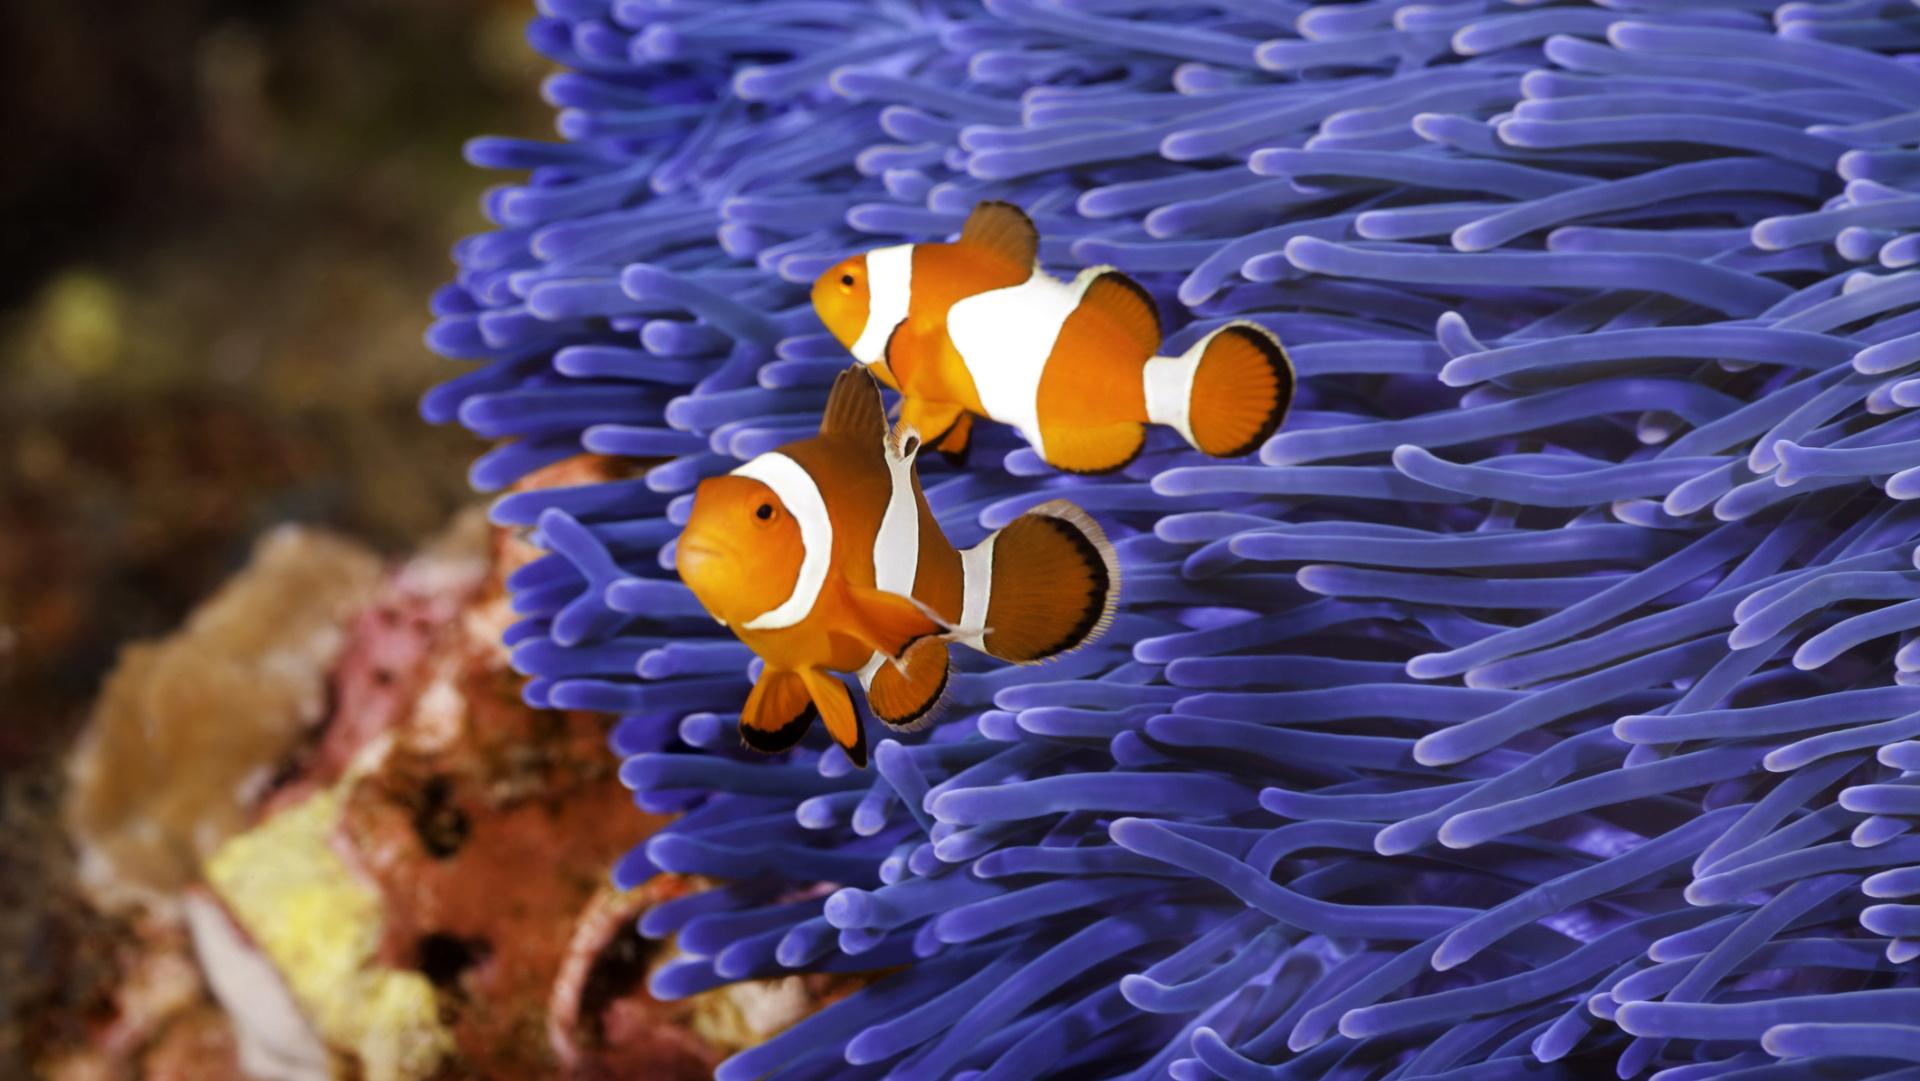 <p><strong>Риба клоун &ndash; смяна на пола</strong></p>  <p>Тези риби са хермафродити и първоначално се развиват като мъжки. В стадото има една самотна женска, която обикновено е по-голяма и доминира над останалите. Най-едрият мъжки е втори в командването и единственият, който се чифтосва с женската. Ако женската умре, този мъжки ще смени пола си и ще стане новият женски лидер, продължавайки цикъла.</p>